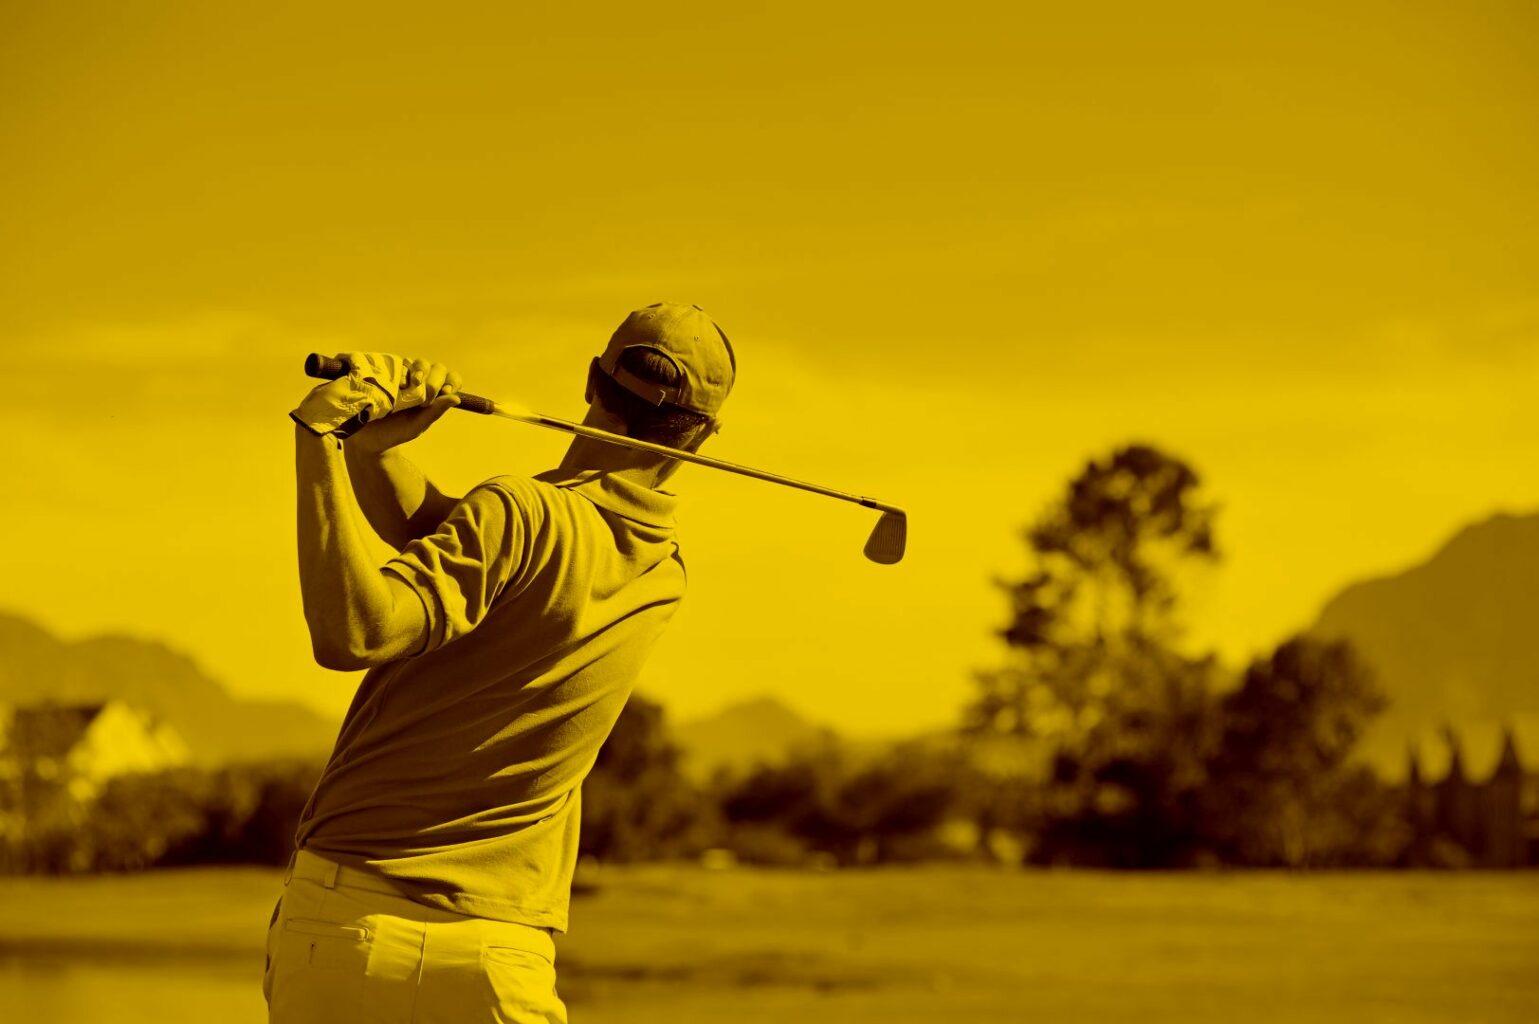 golfspieler-auf-wiese-schlägt-den-ball